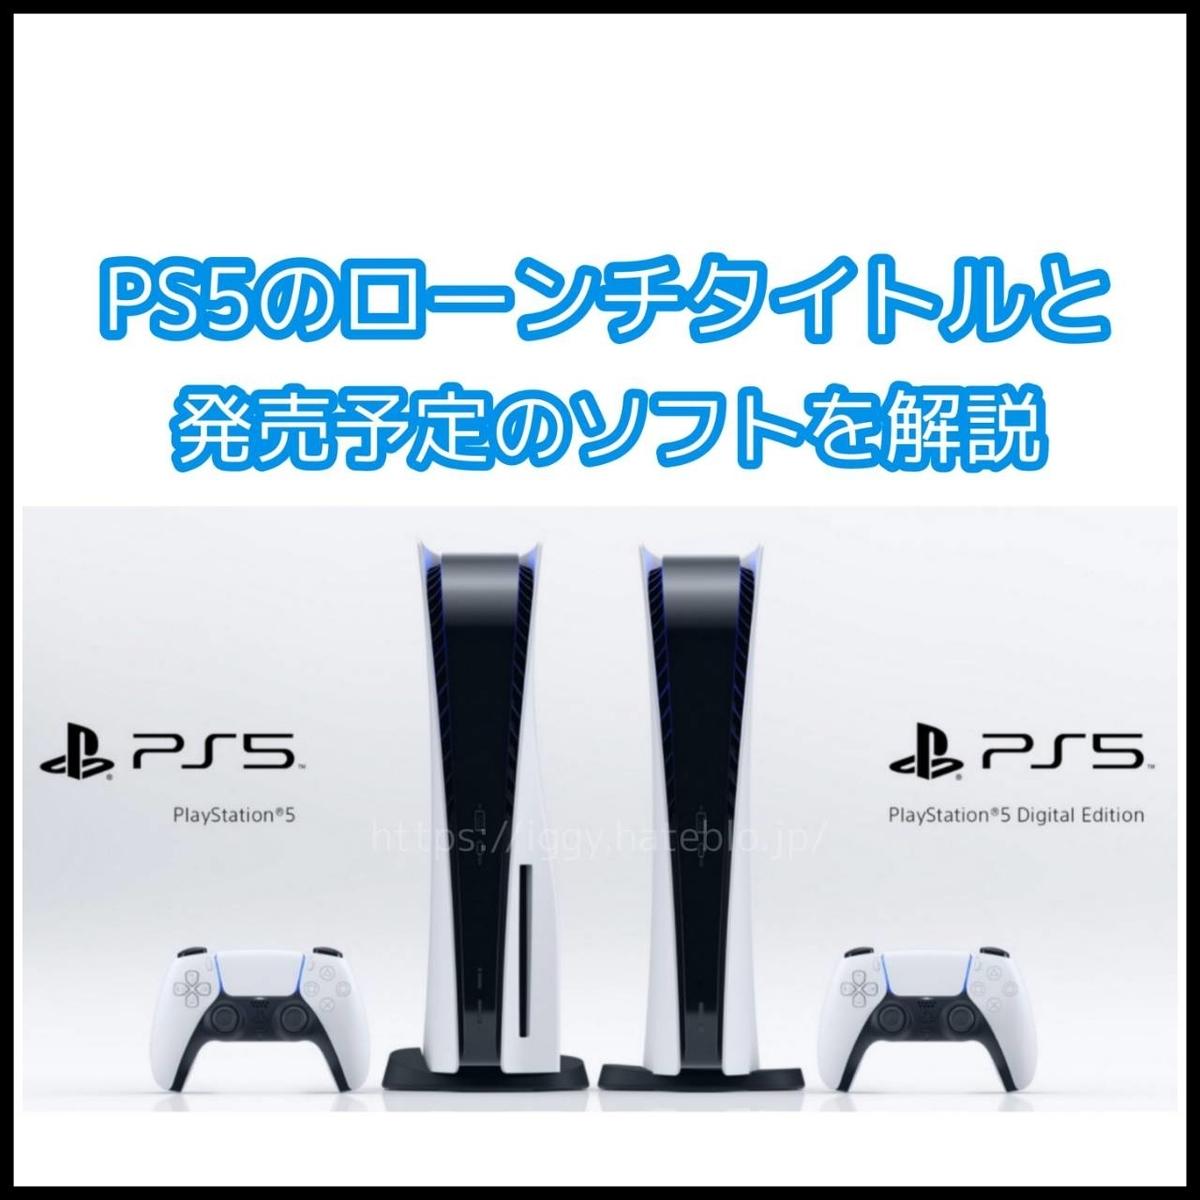 PS5ローンチタイトル LIFE